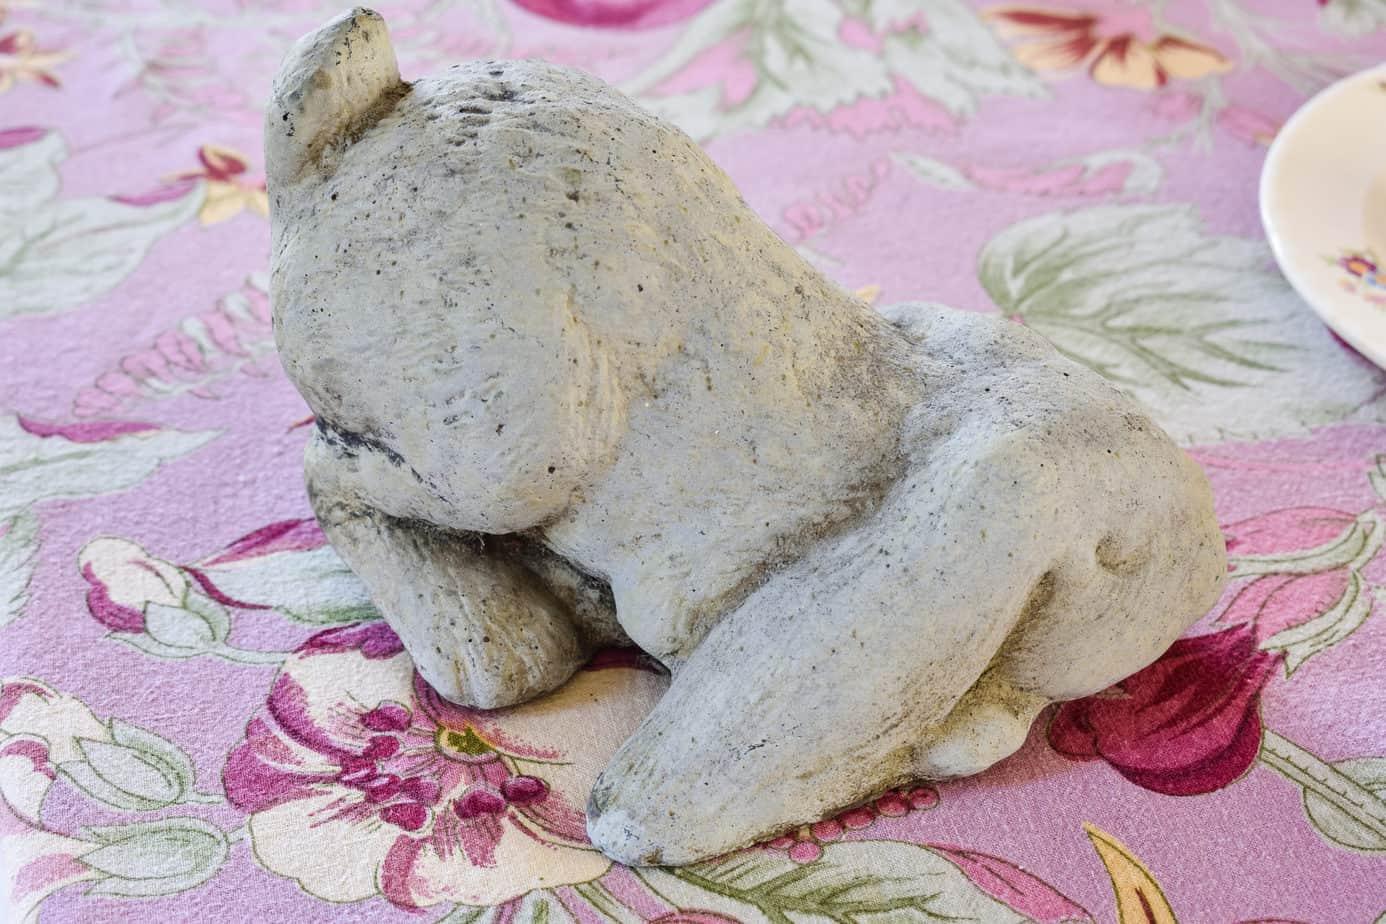 concrete bunny statue